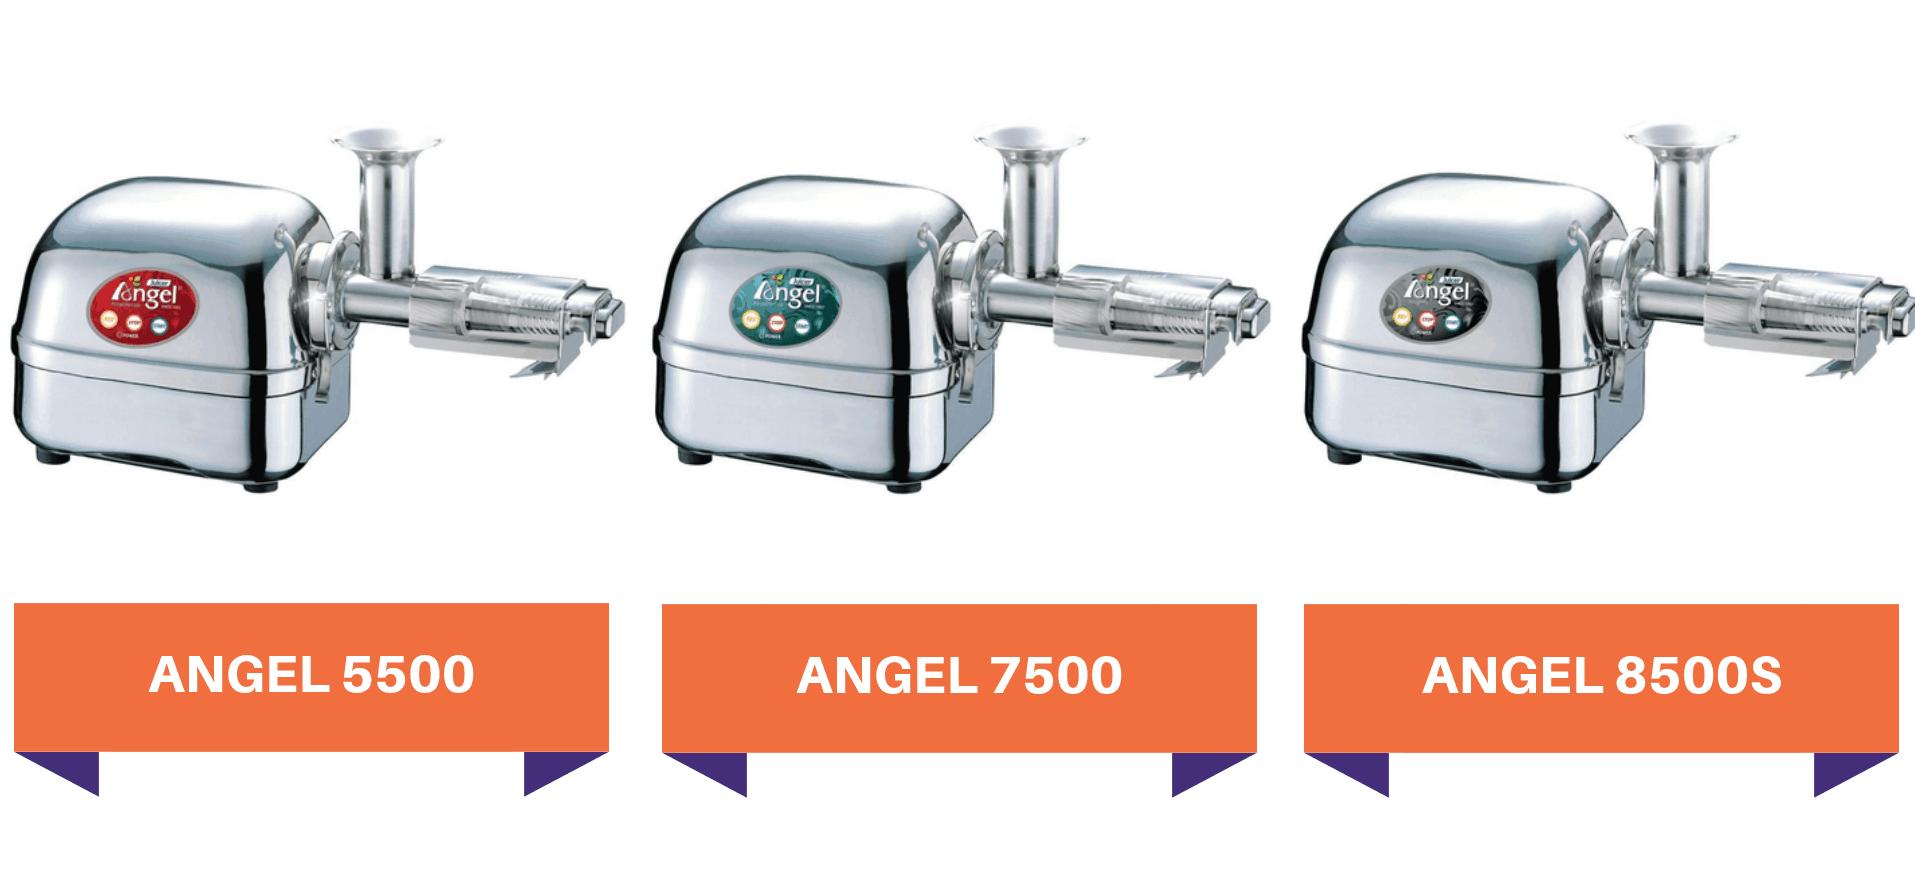 Porównanie wyciskarek Angel-5500-7500-8500S